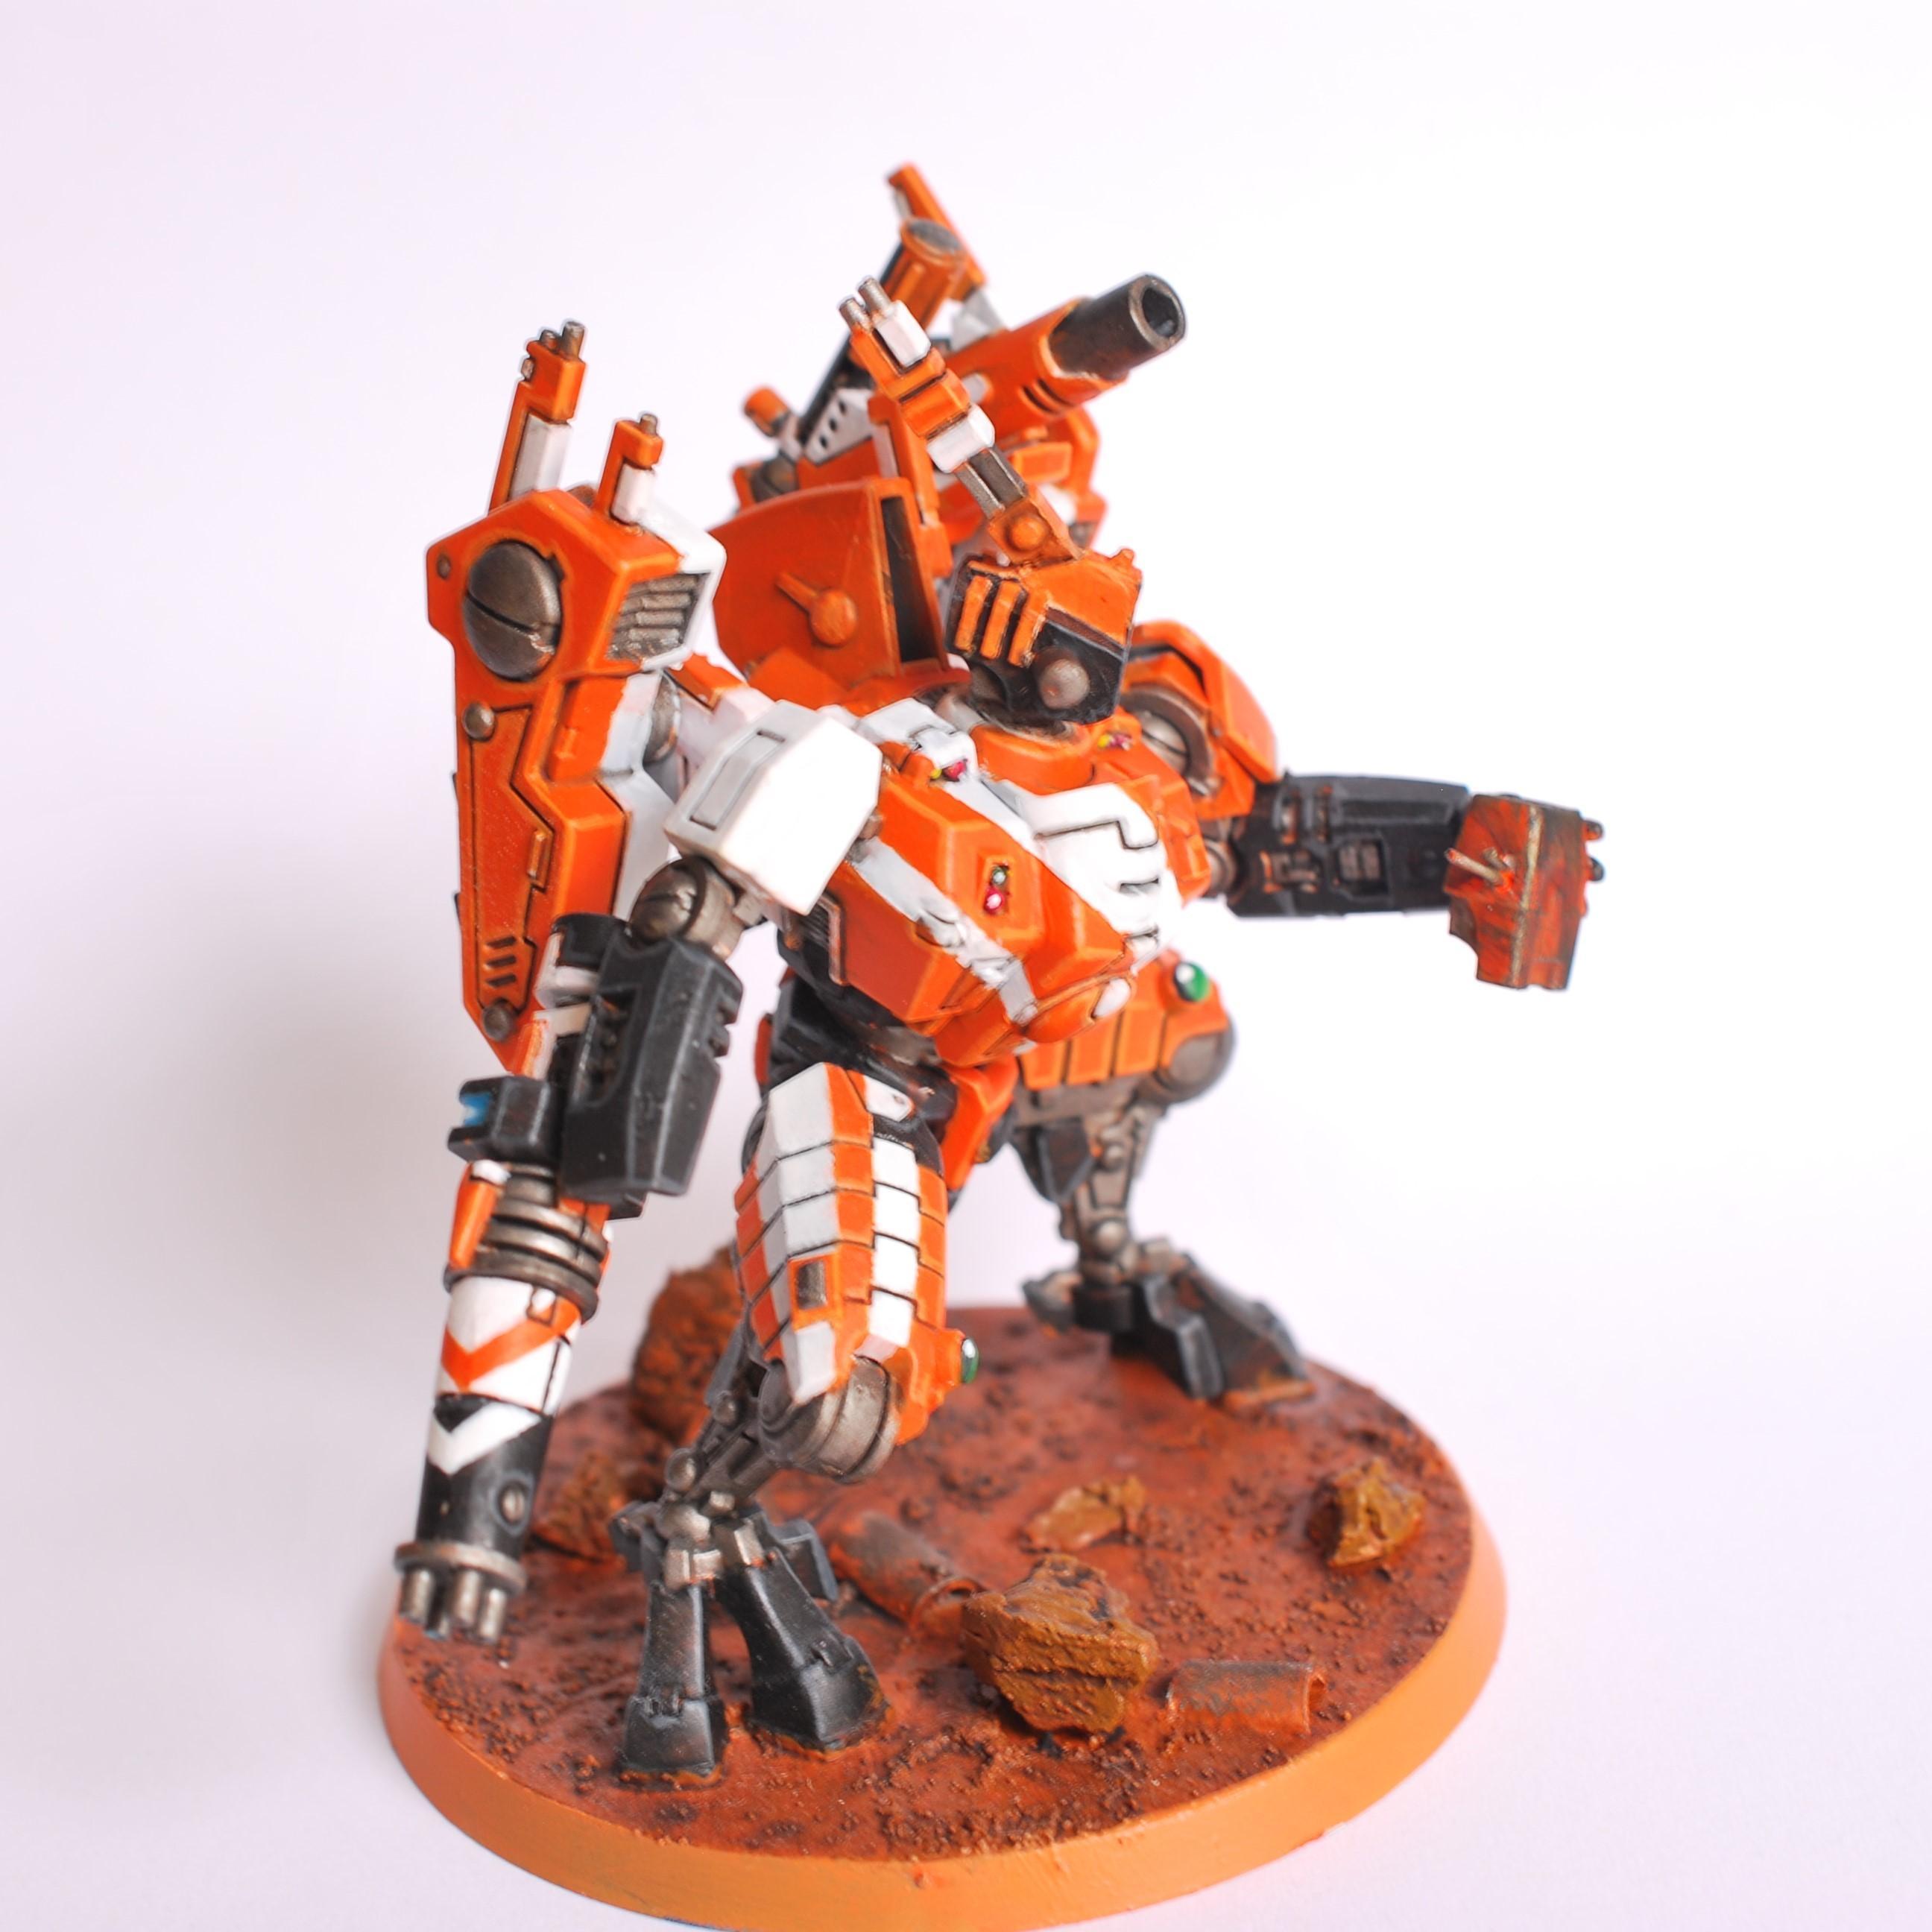 Air Bursting Fragmentation Projector, Battlesuit, Commander, New Tau Commander, Orange And White Tau Commander, Orange Tau Commander, Tau